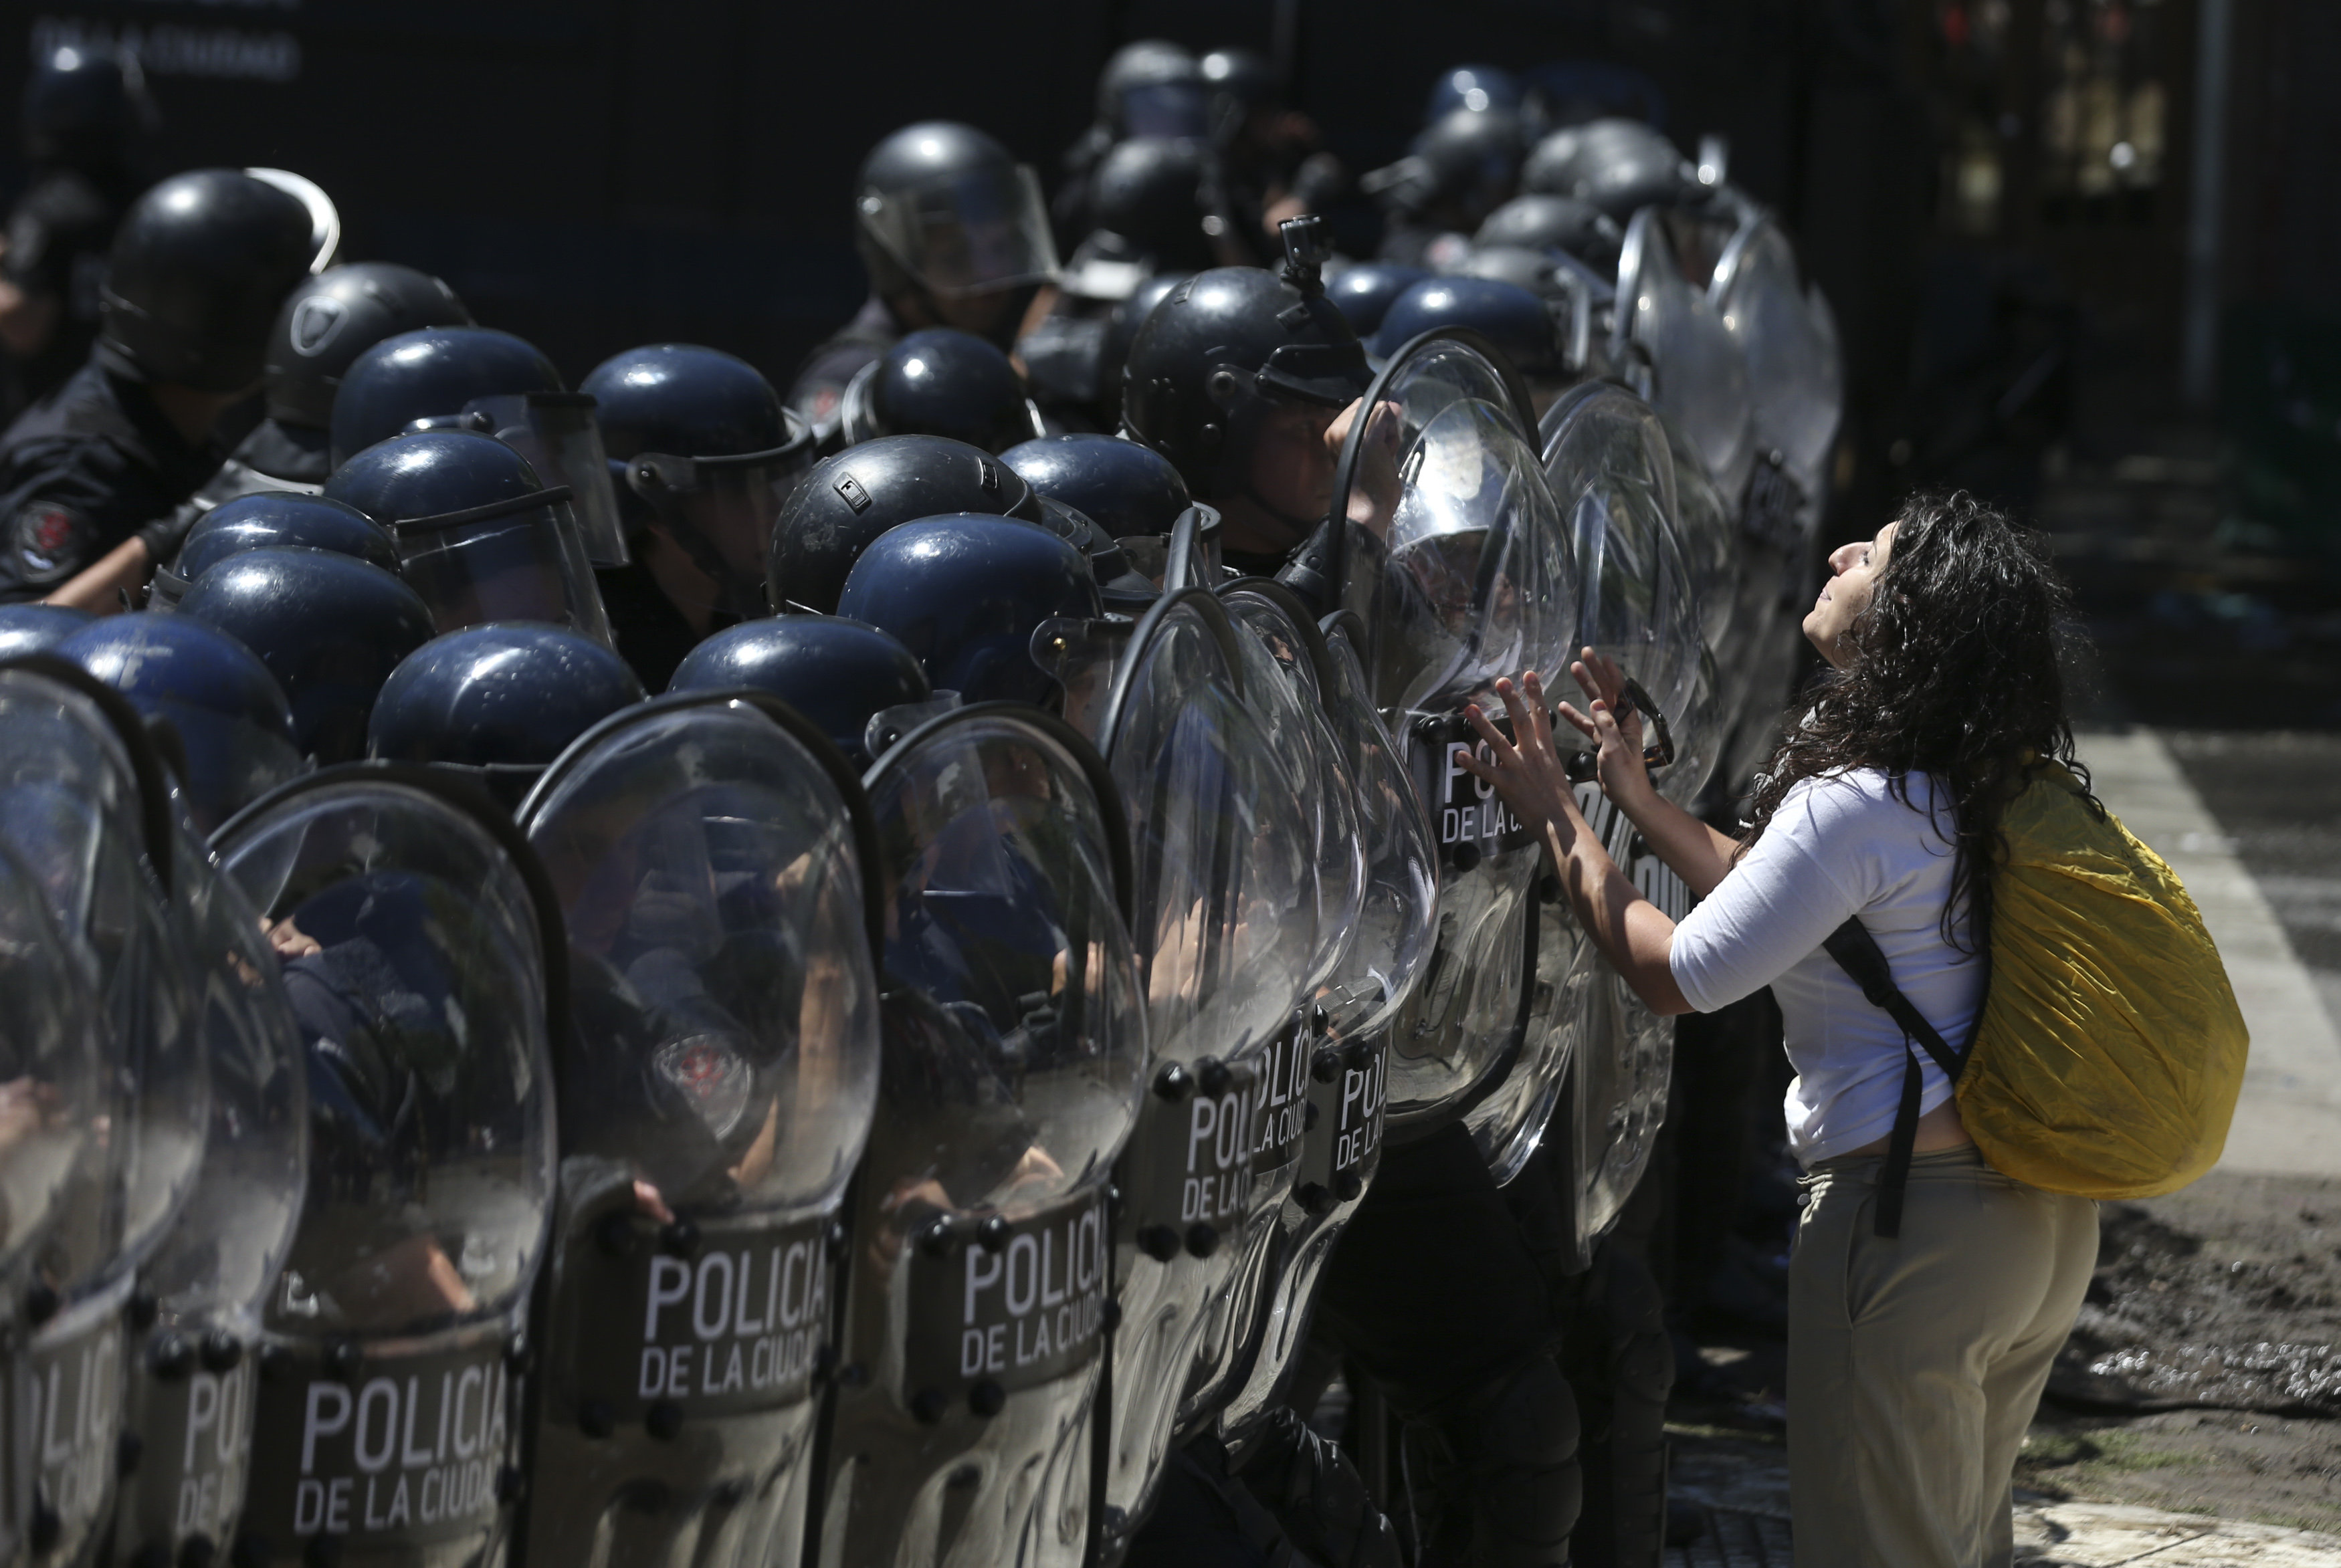 La violència fora de Congrés argentí empitjora durant el ple de les pensions. /DAVID FERNÁNDEZ